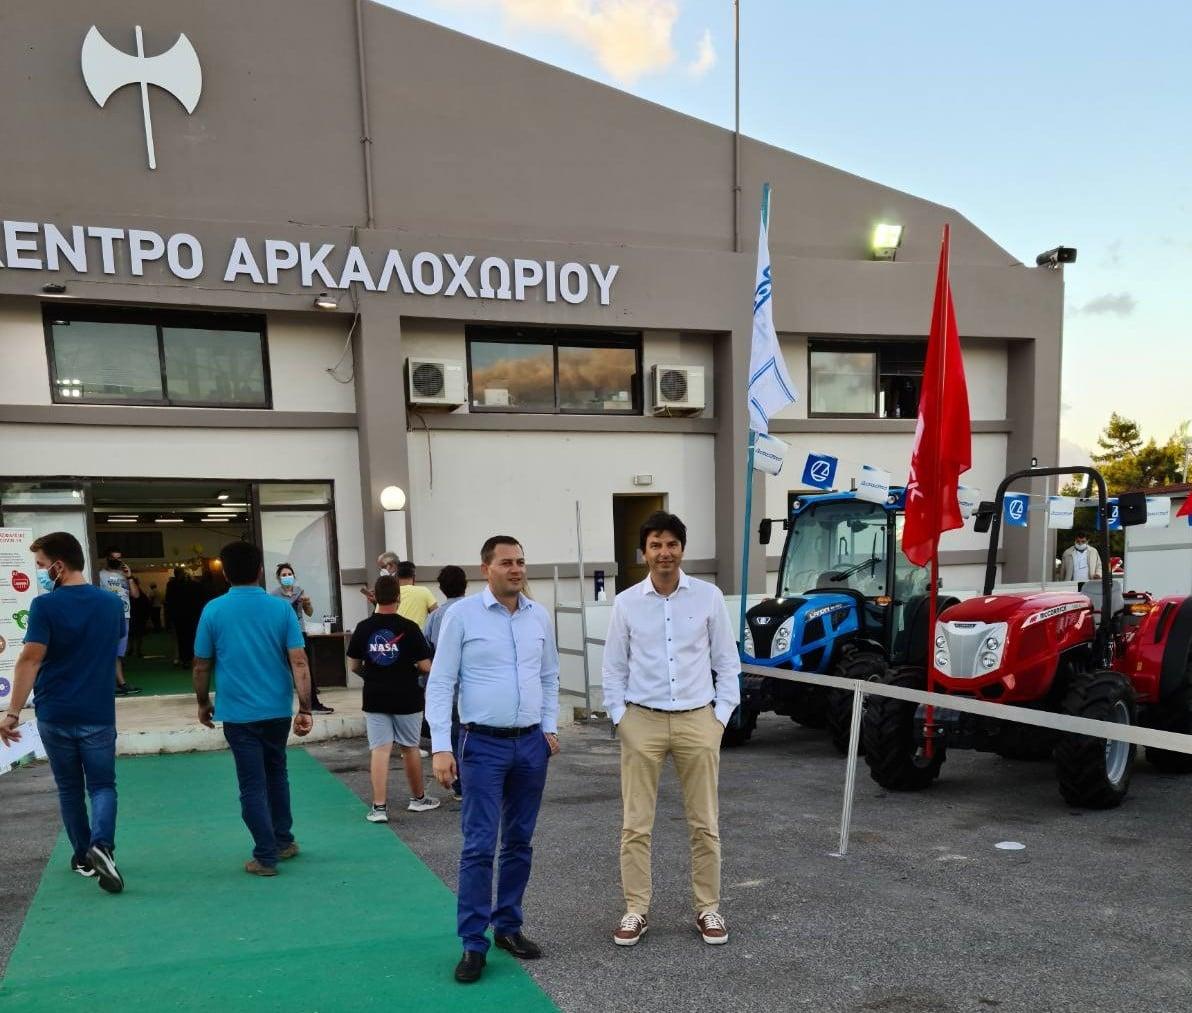 Διαπεριφερειακή συνεργασία Δυτικής Ελλάδας - Κρήτης στον Αγροδιατροφικό τομέα